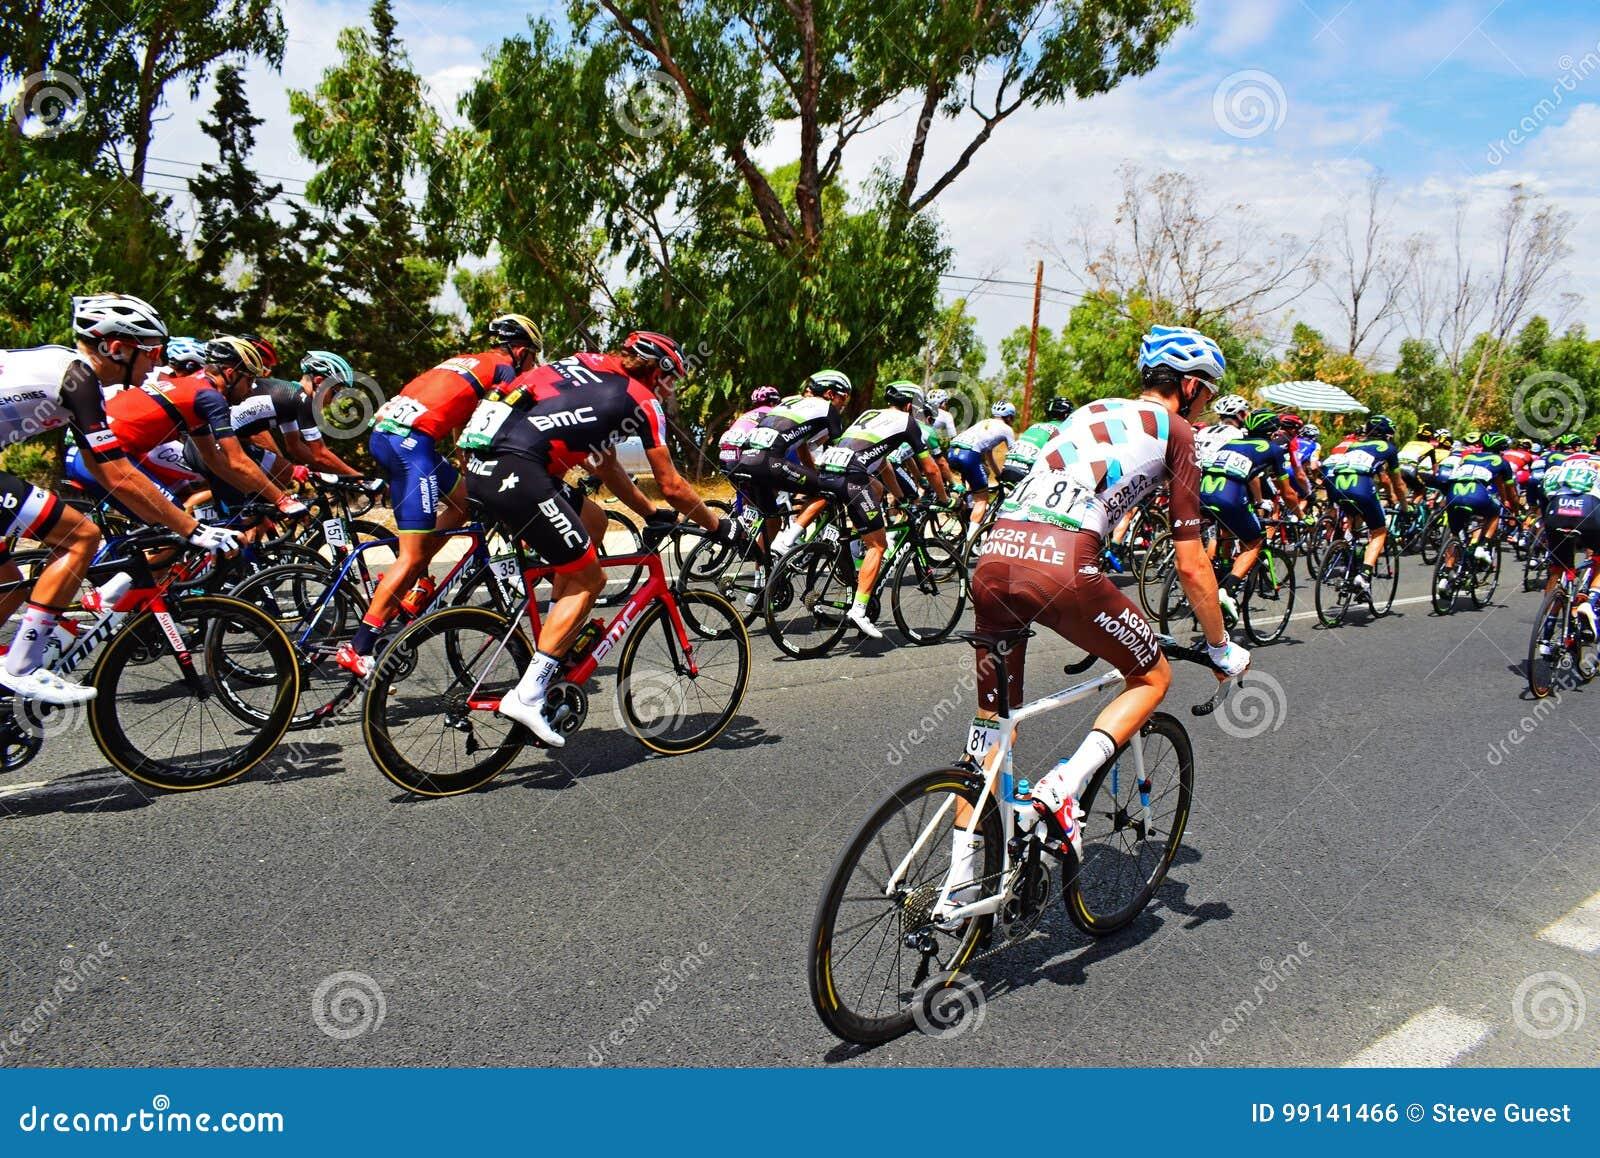 Roman Bardet In The Peleton La Vuelta España